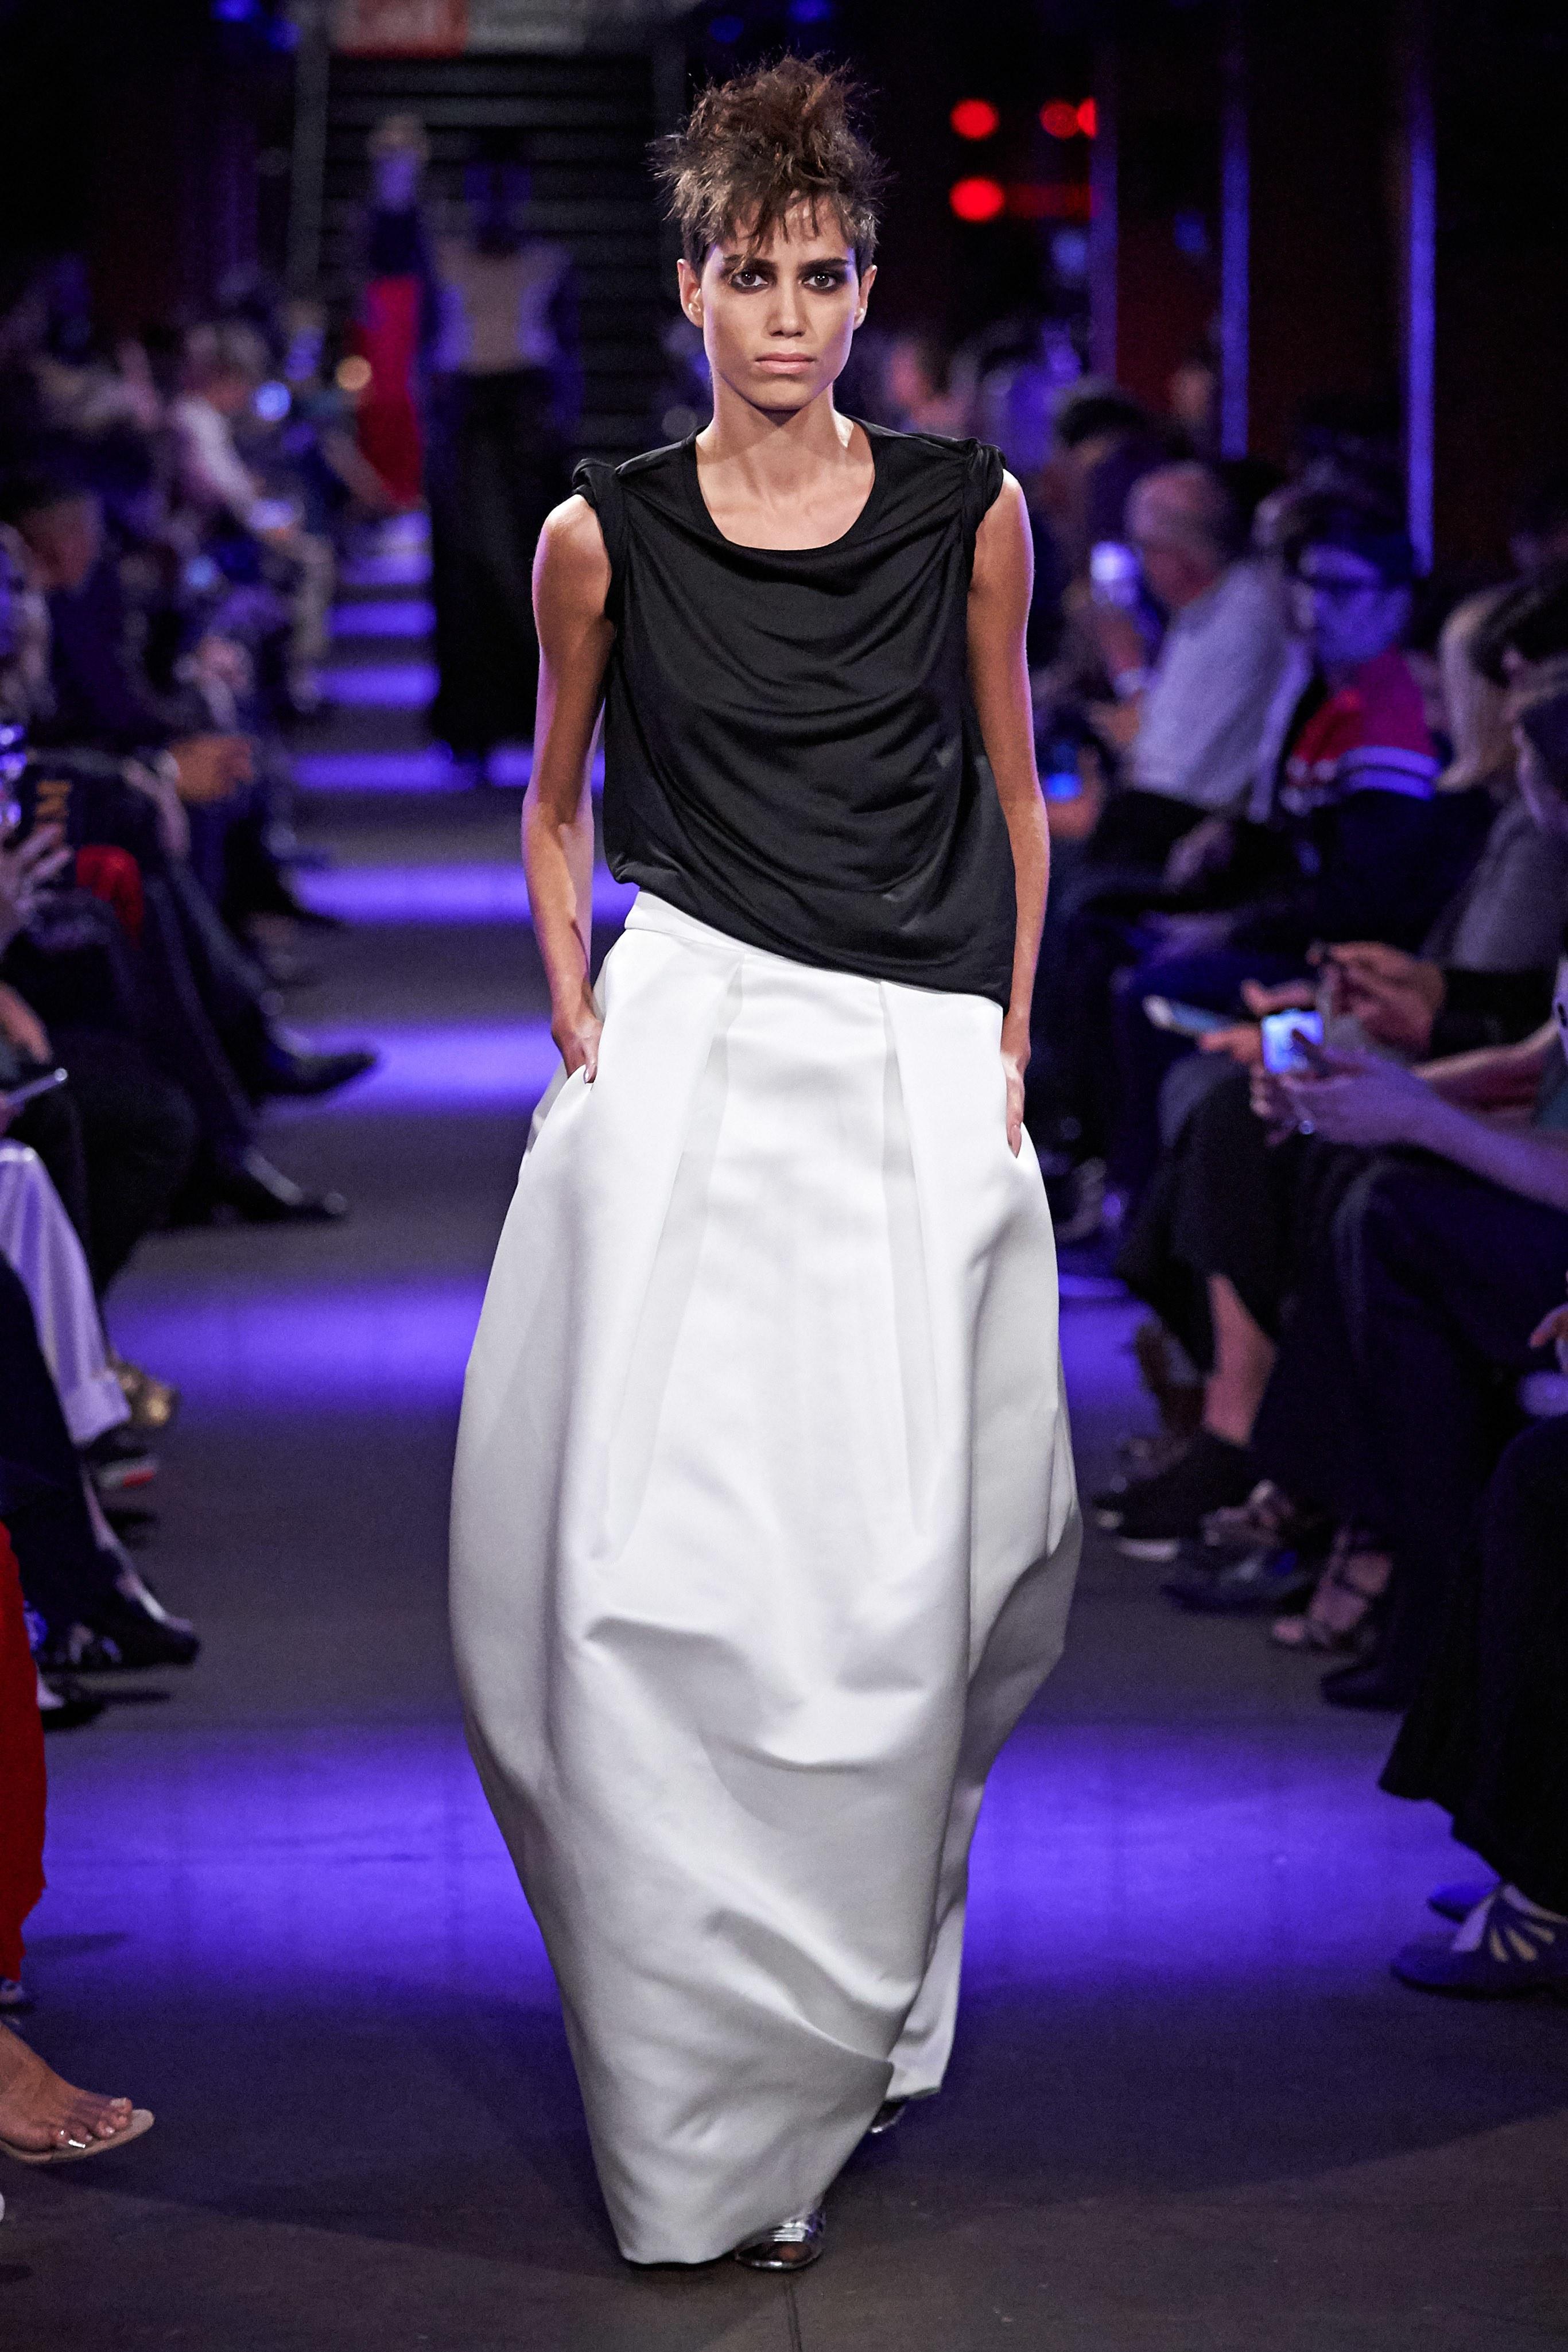 chân váy trắng và áo đen trong bst tom ford xuân hè 2020